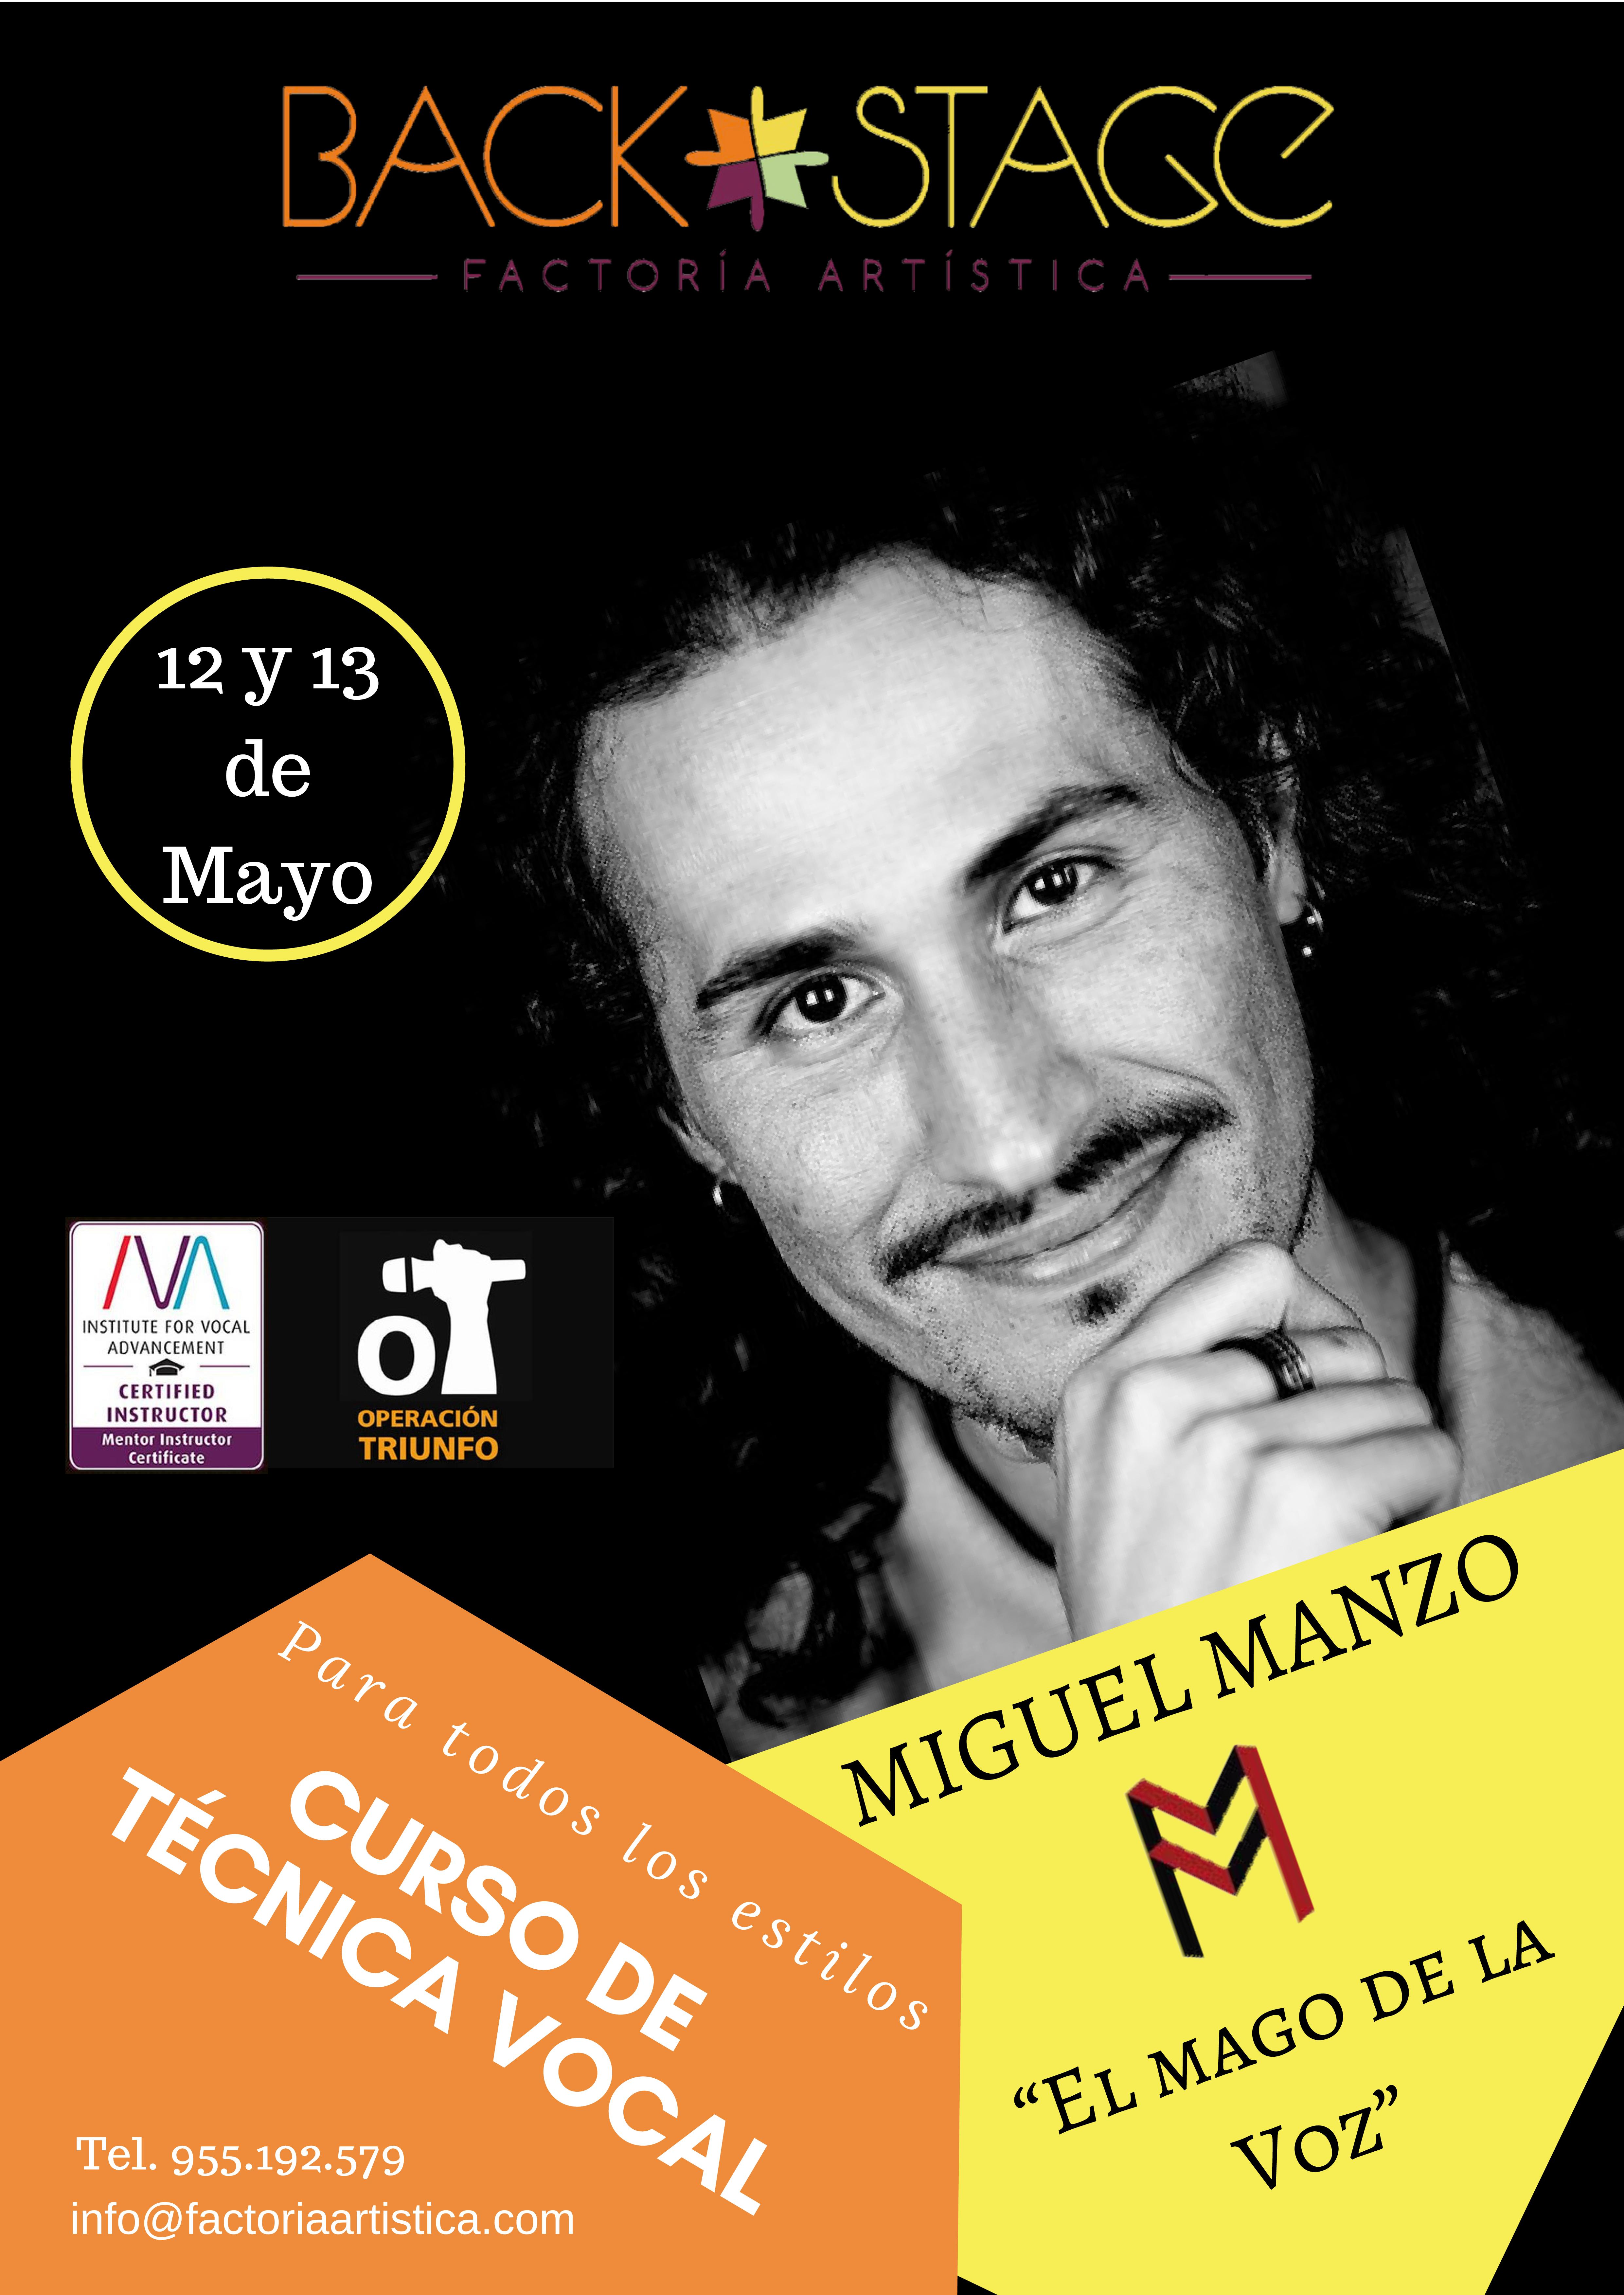 Manzo en Backstage de Sevilla